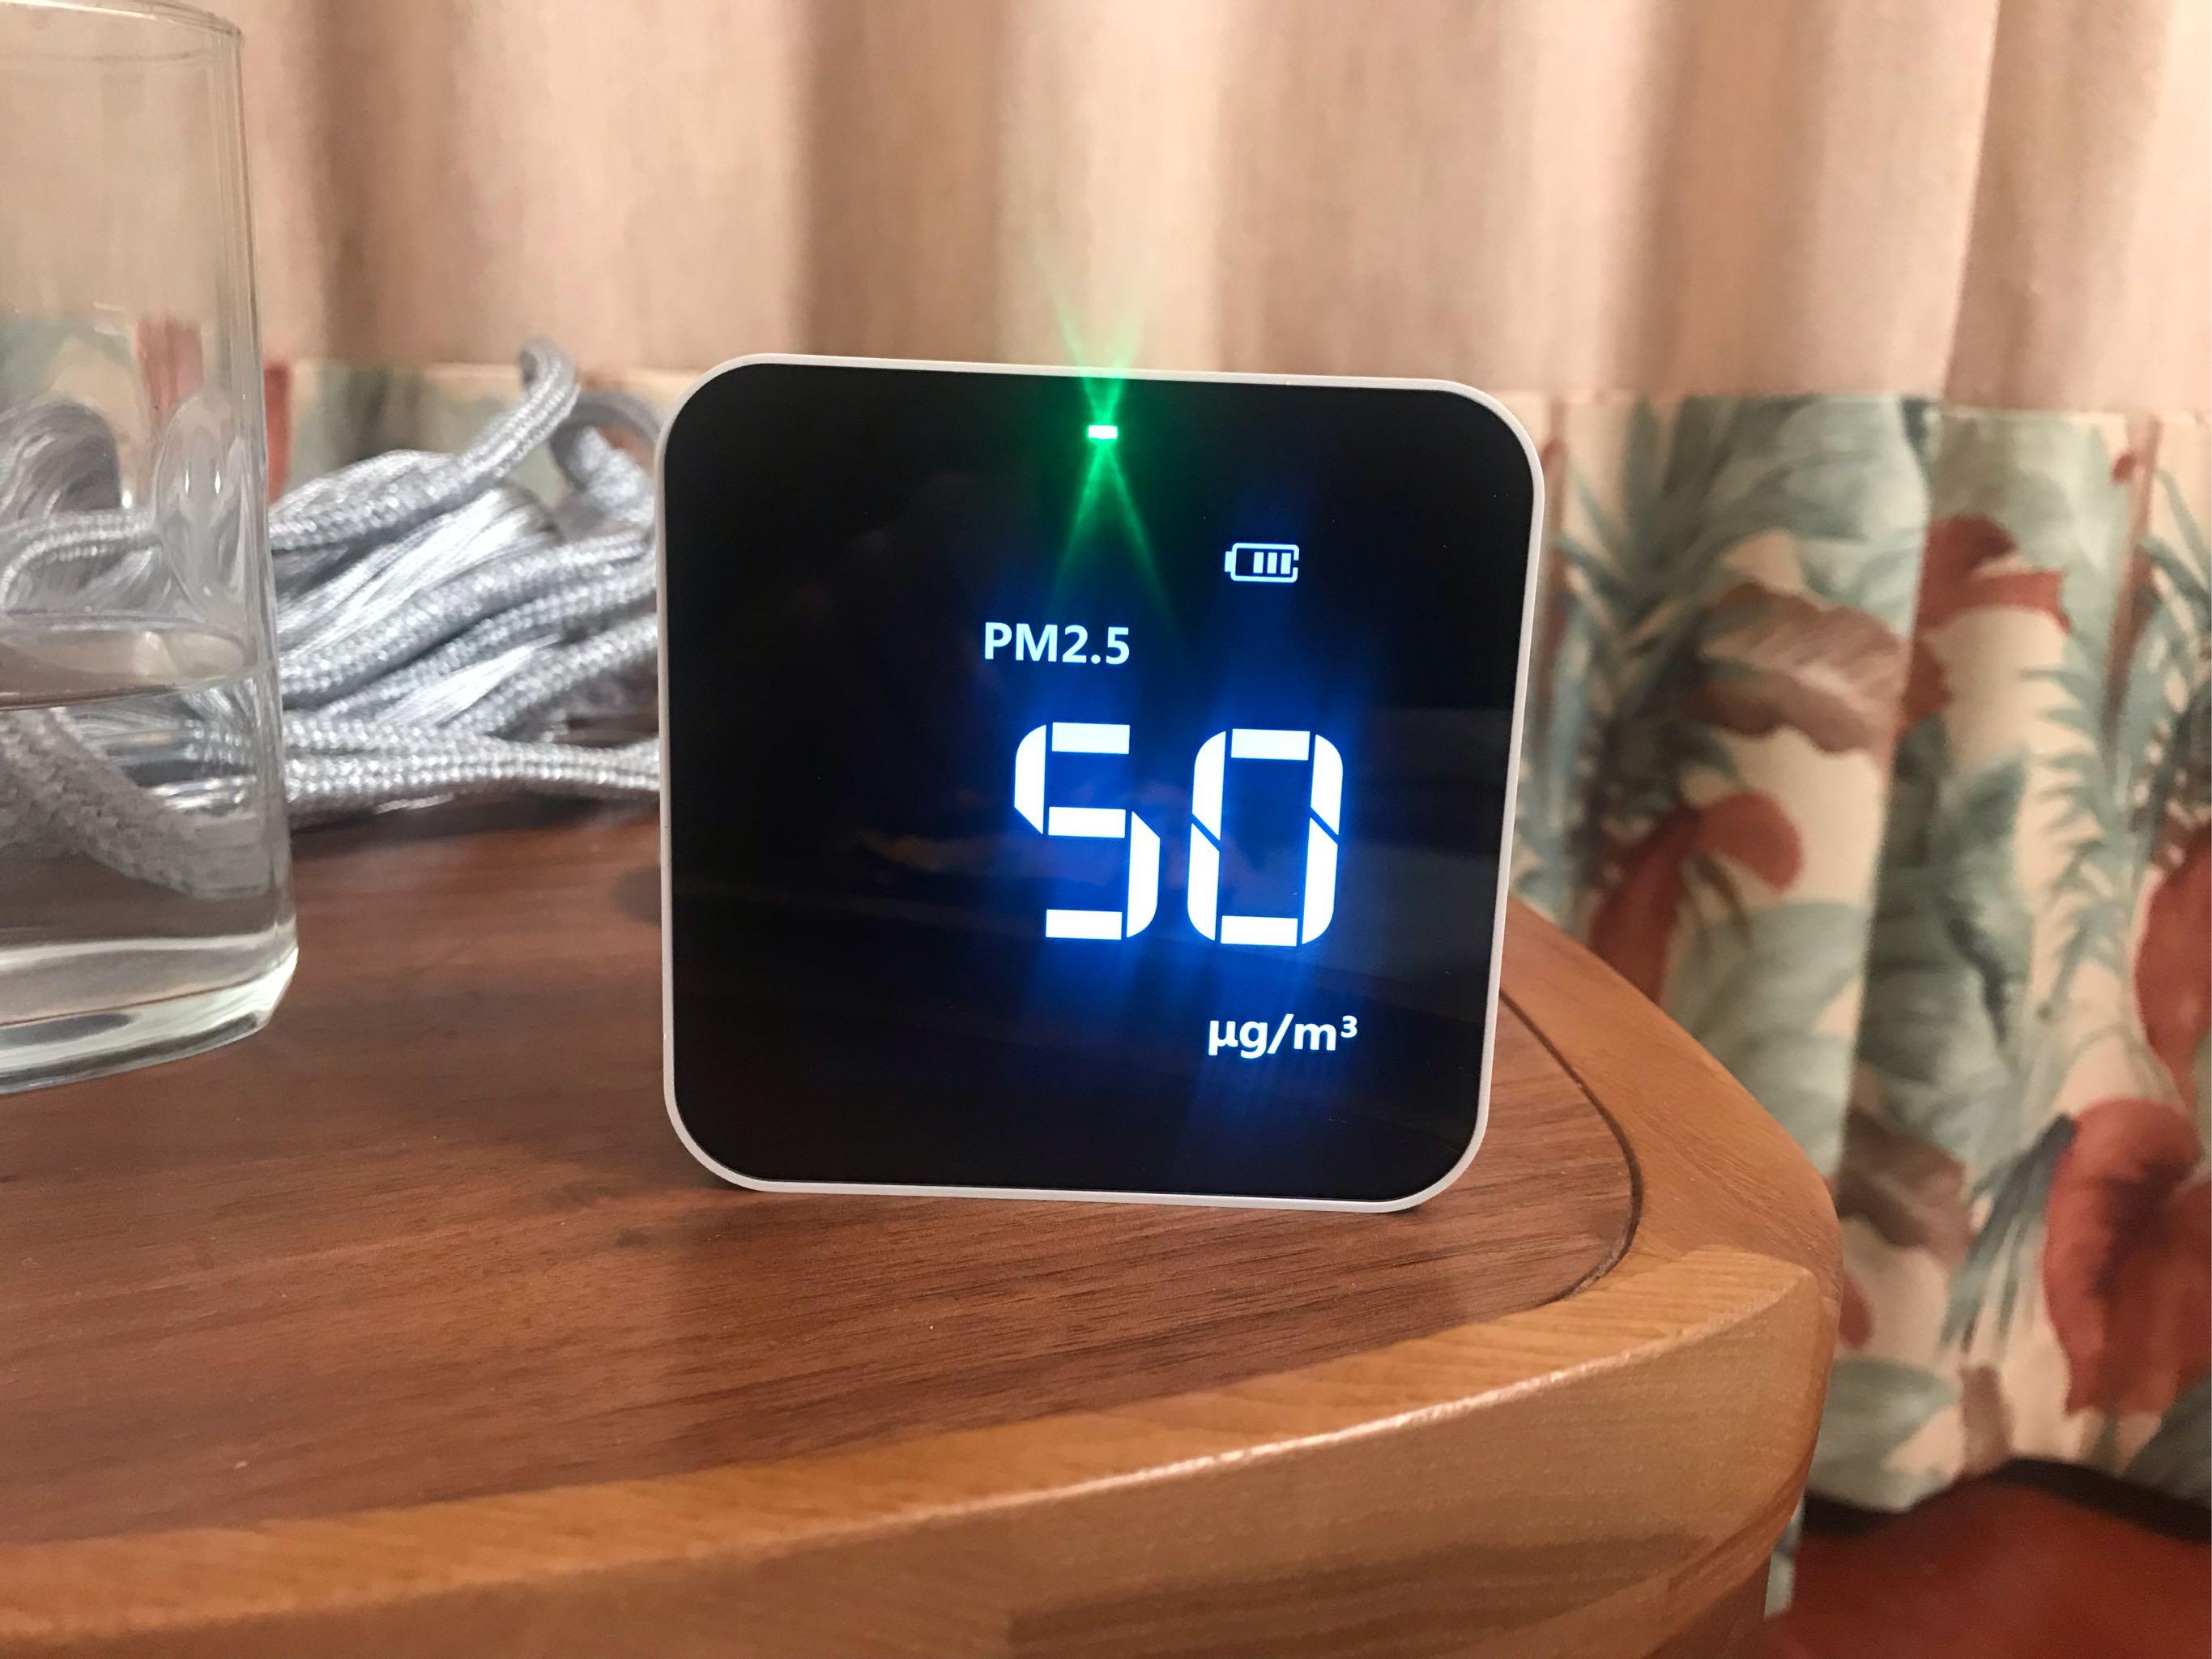 能检测甲醛/PM2.5/TVOC/AQI四种有害物质的空气检测仪